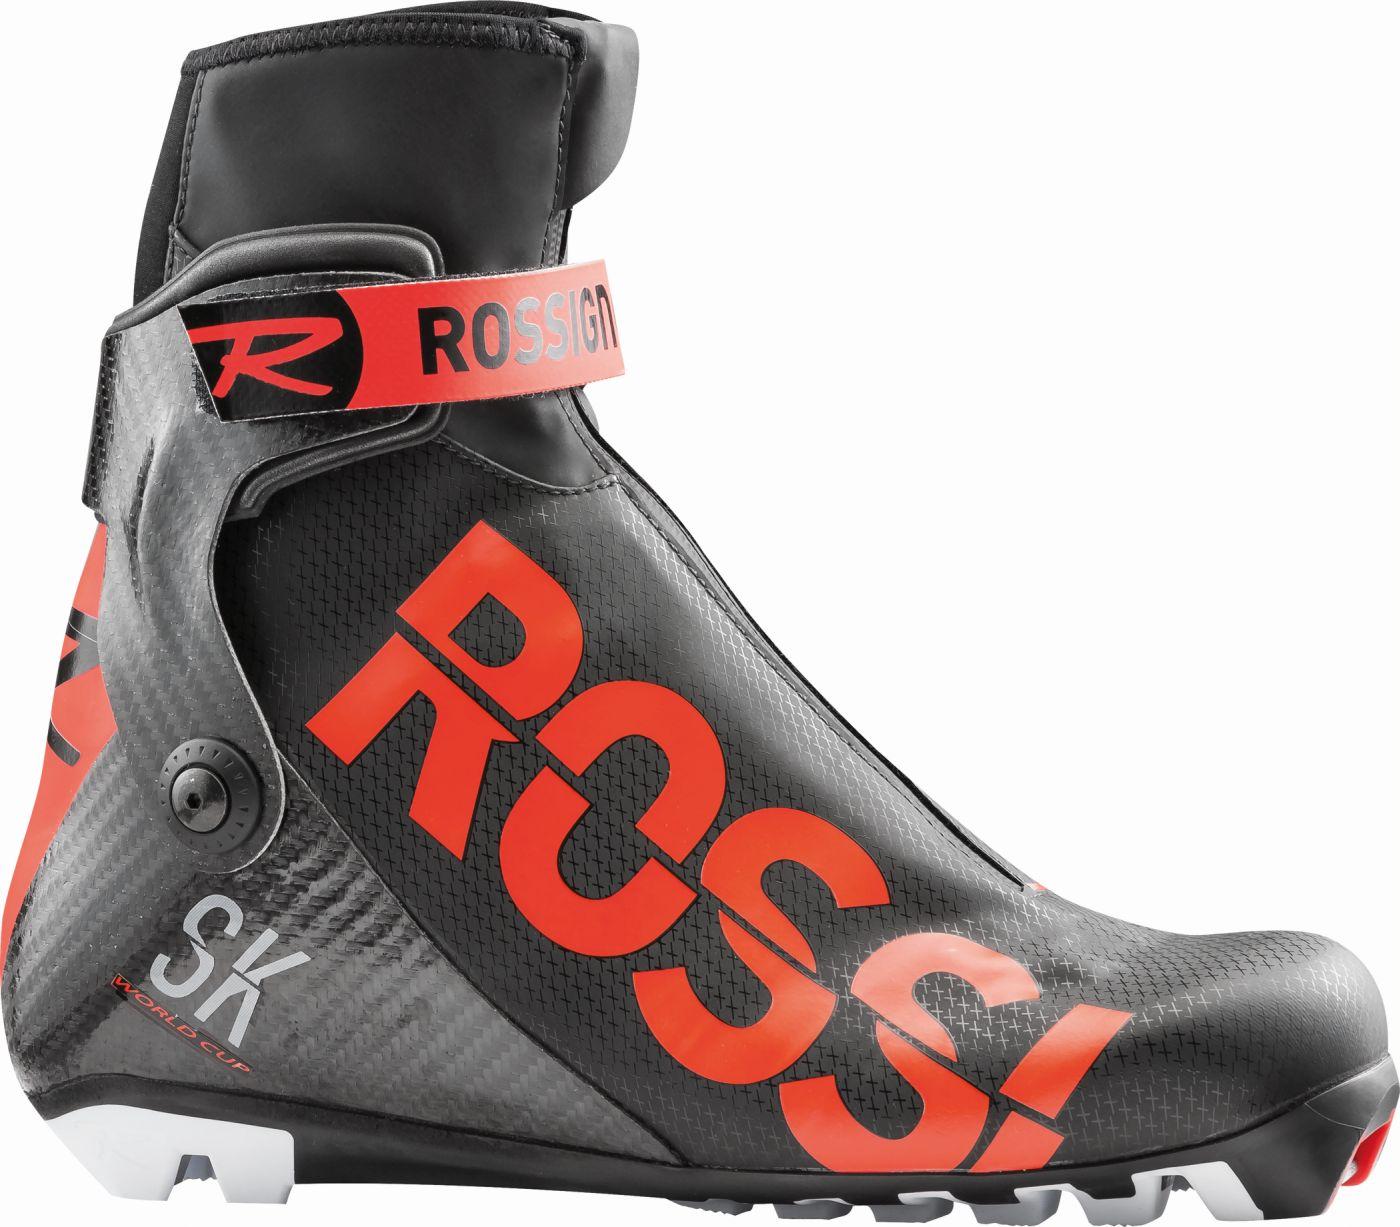 4db6758f5fbf4 Rossignol eshop - Bežecká obuv: X-IUM W.C. Skate